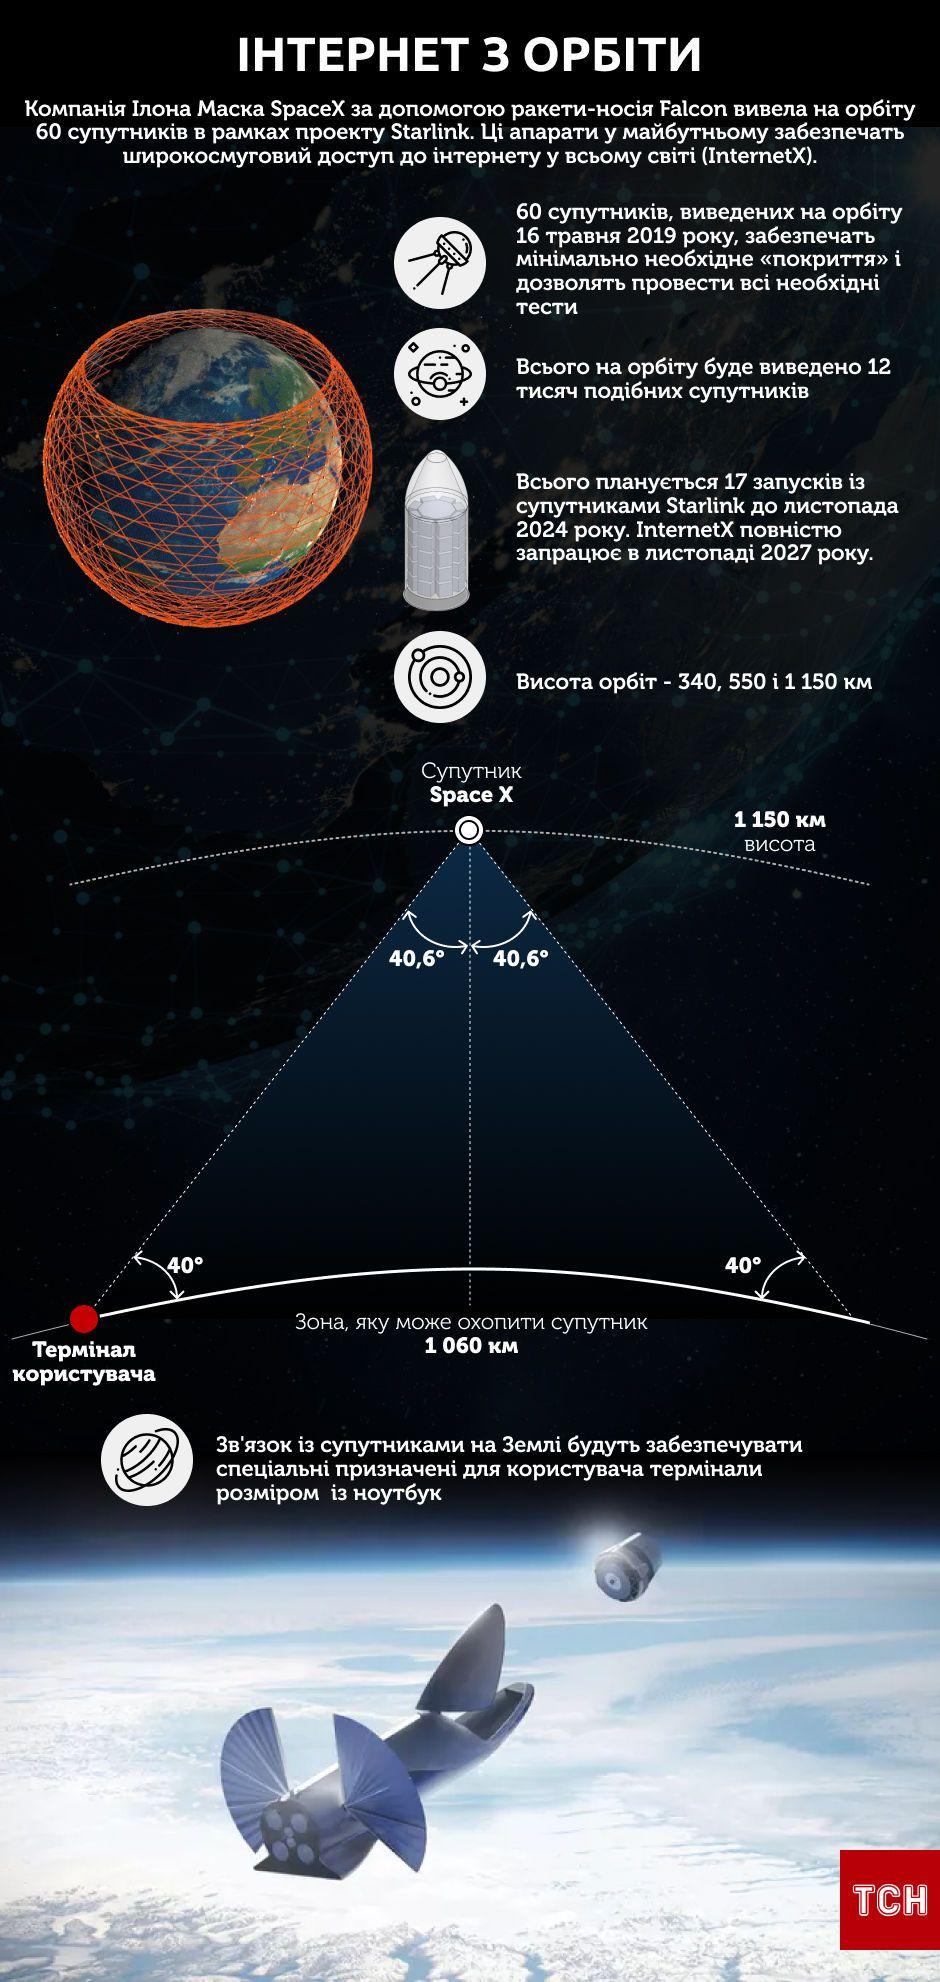 Falcon9 і 60 супутників Інфографіка